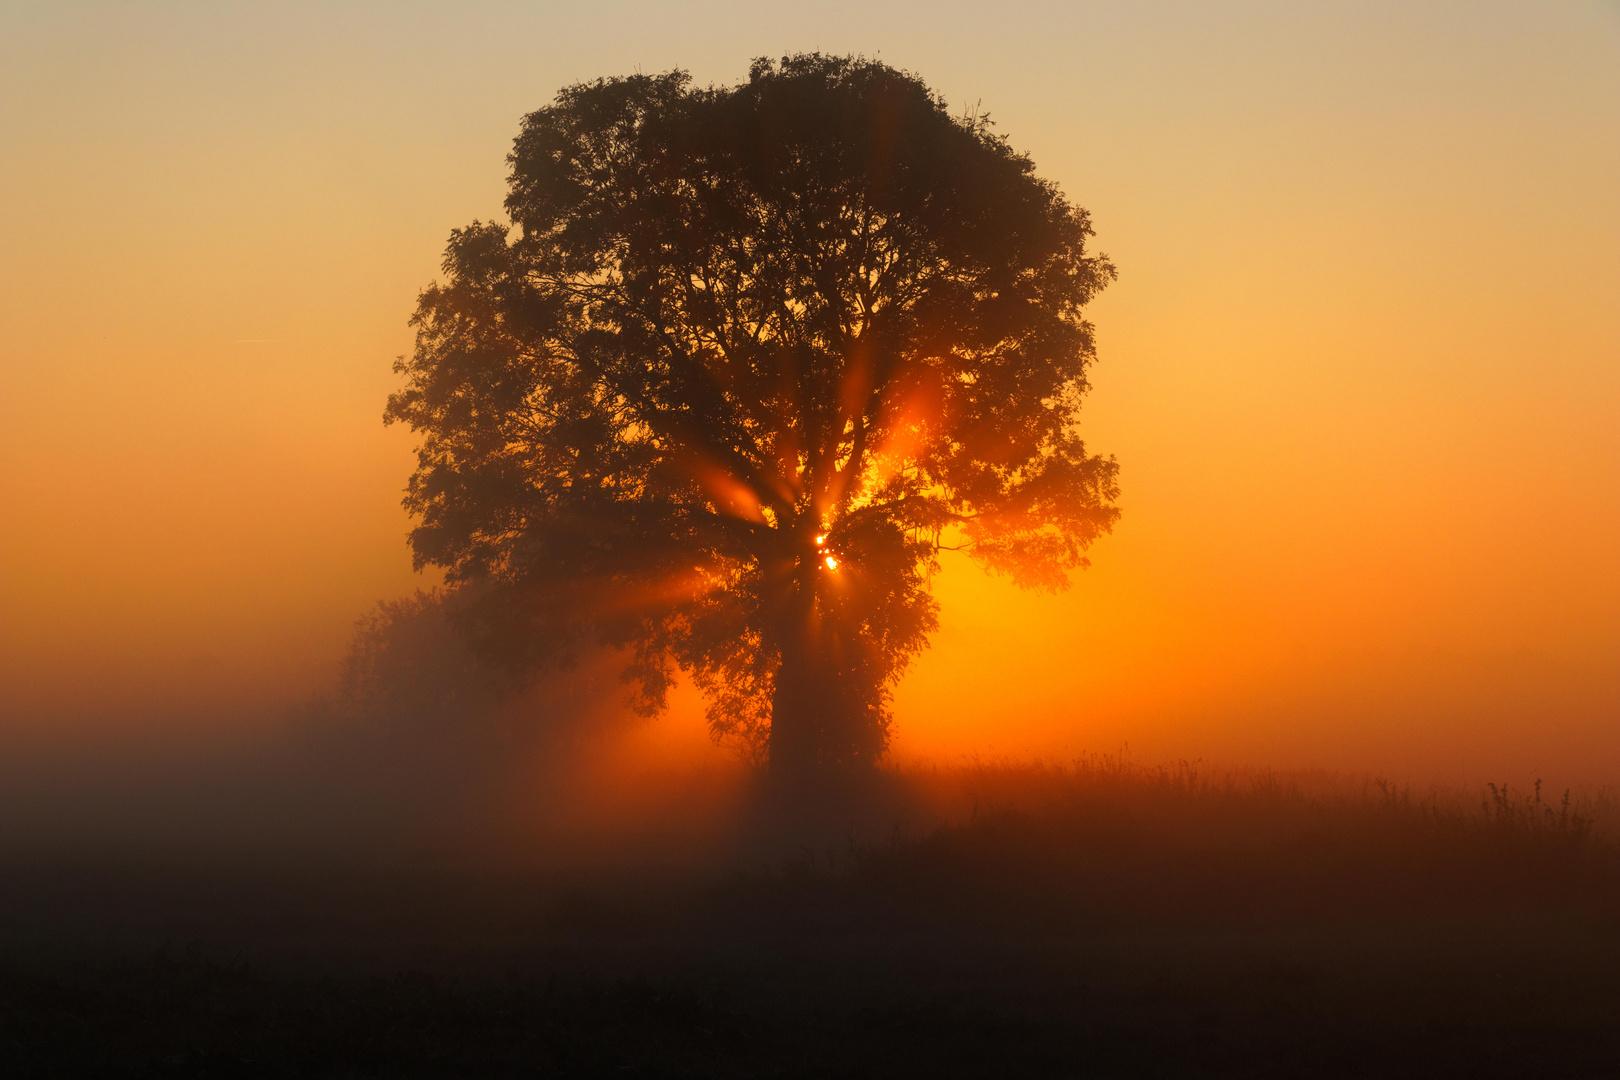 Baum im Nebel und Sonnenaufgang